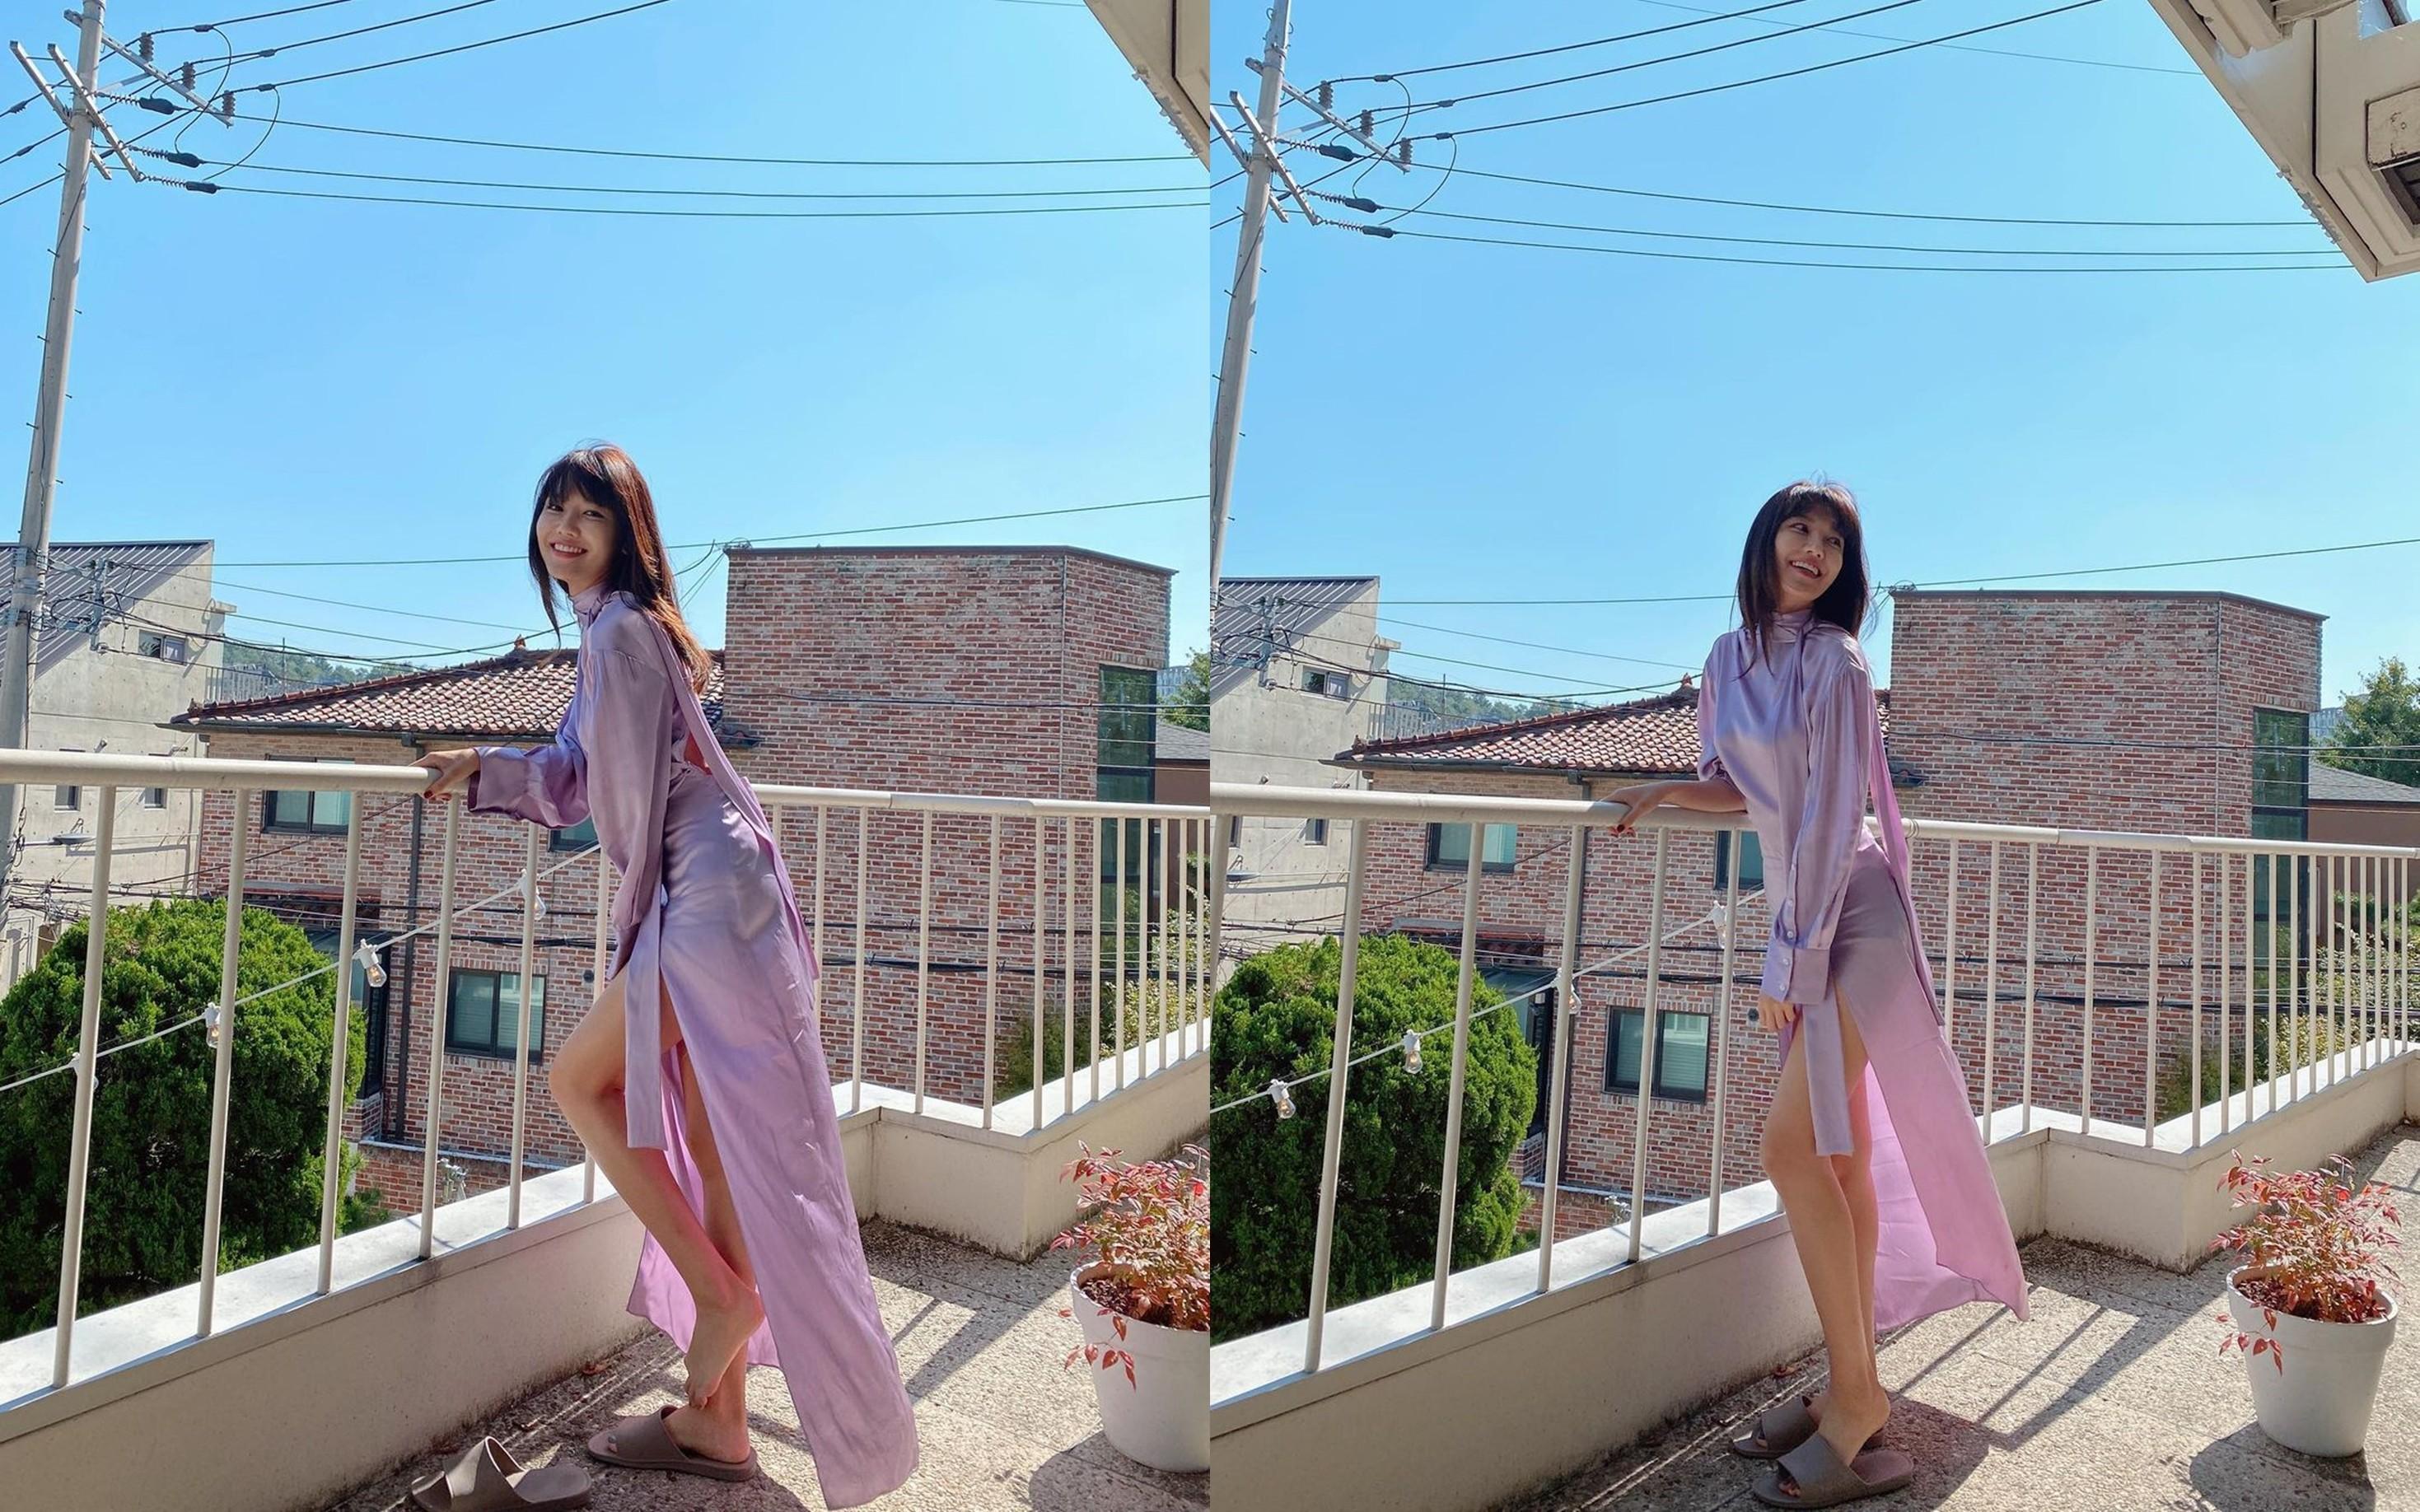 최수영, ♥정경호 반한 명품 각선미 자랑 [리포트:컷]